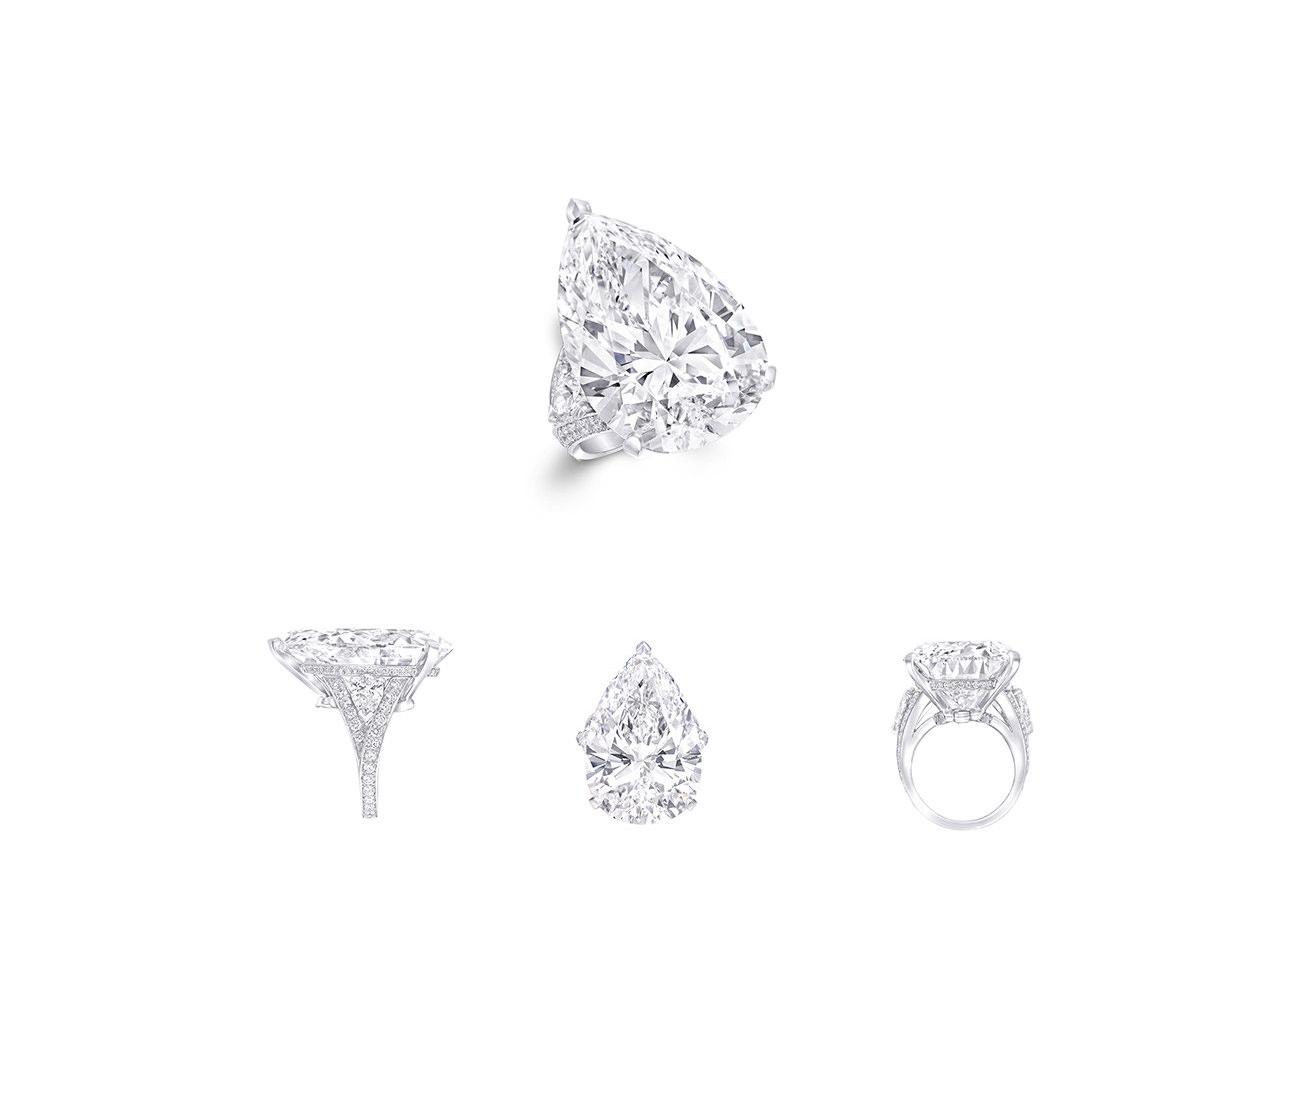 The-Fastination-Graff-Diamonds-4